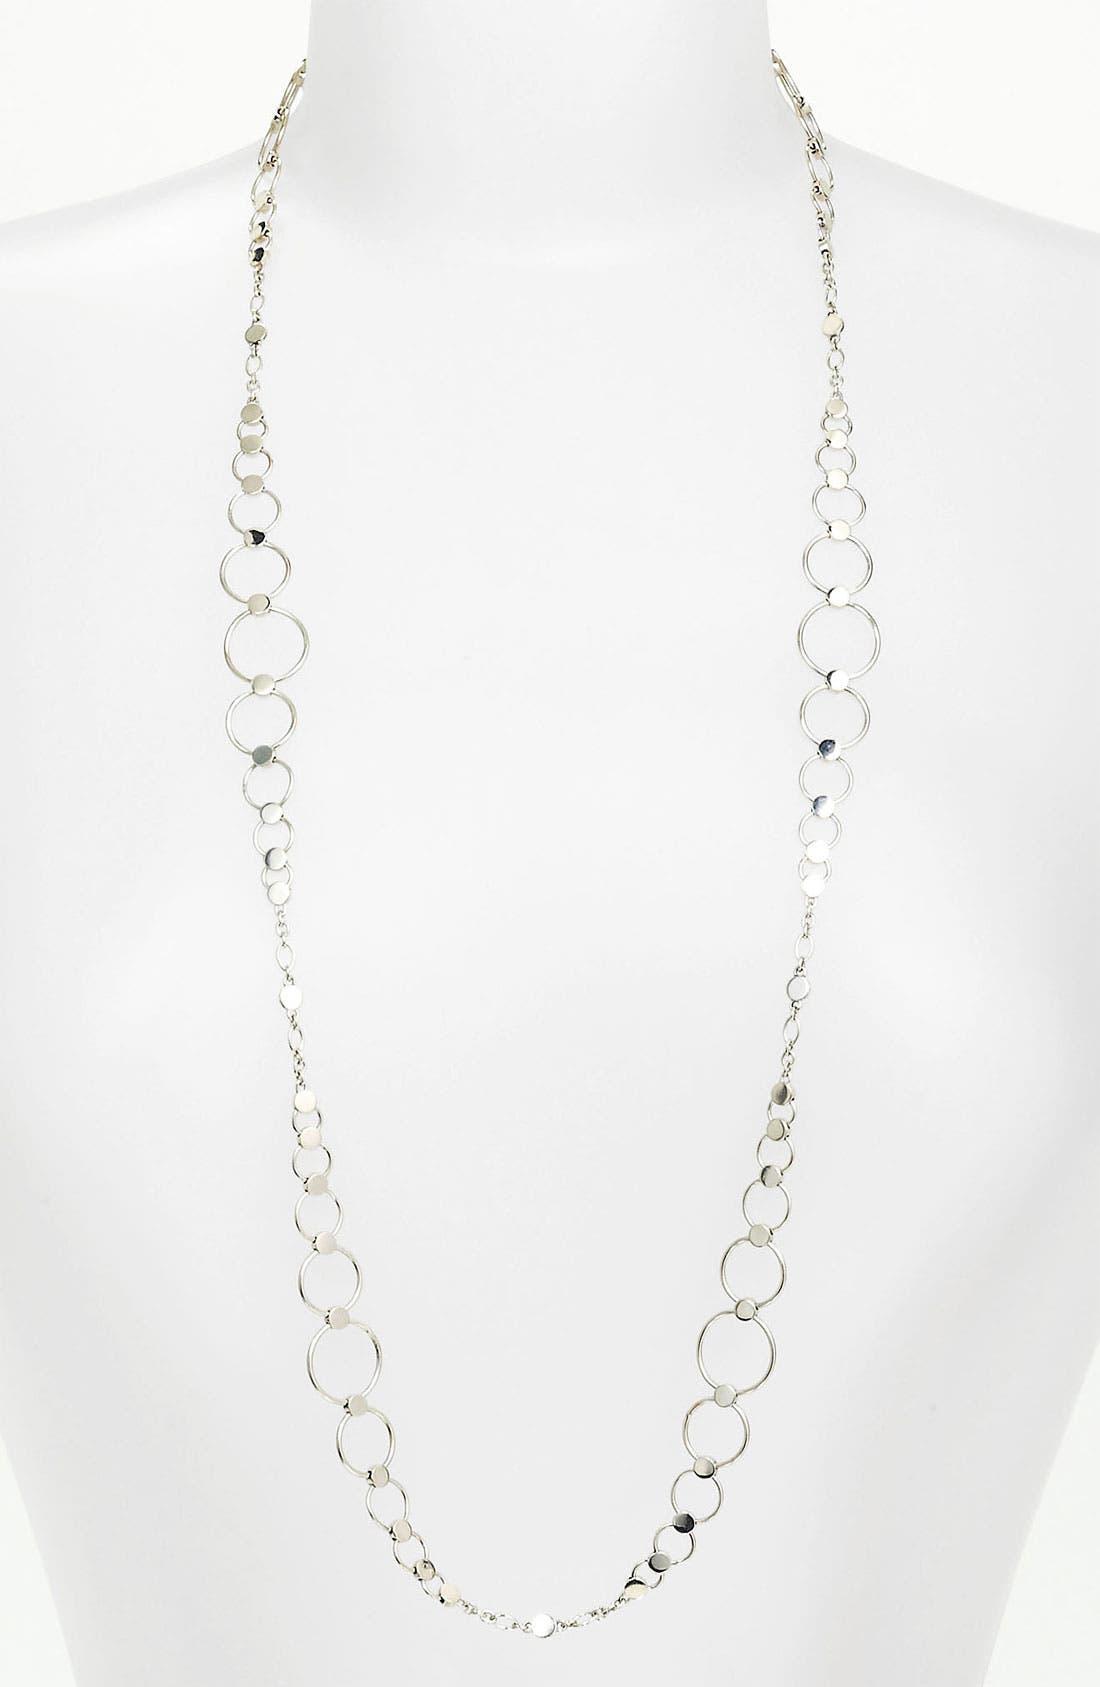 Main Image - John Hardy 'Dot' Long Sautoir Necklace